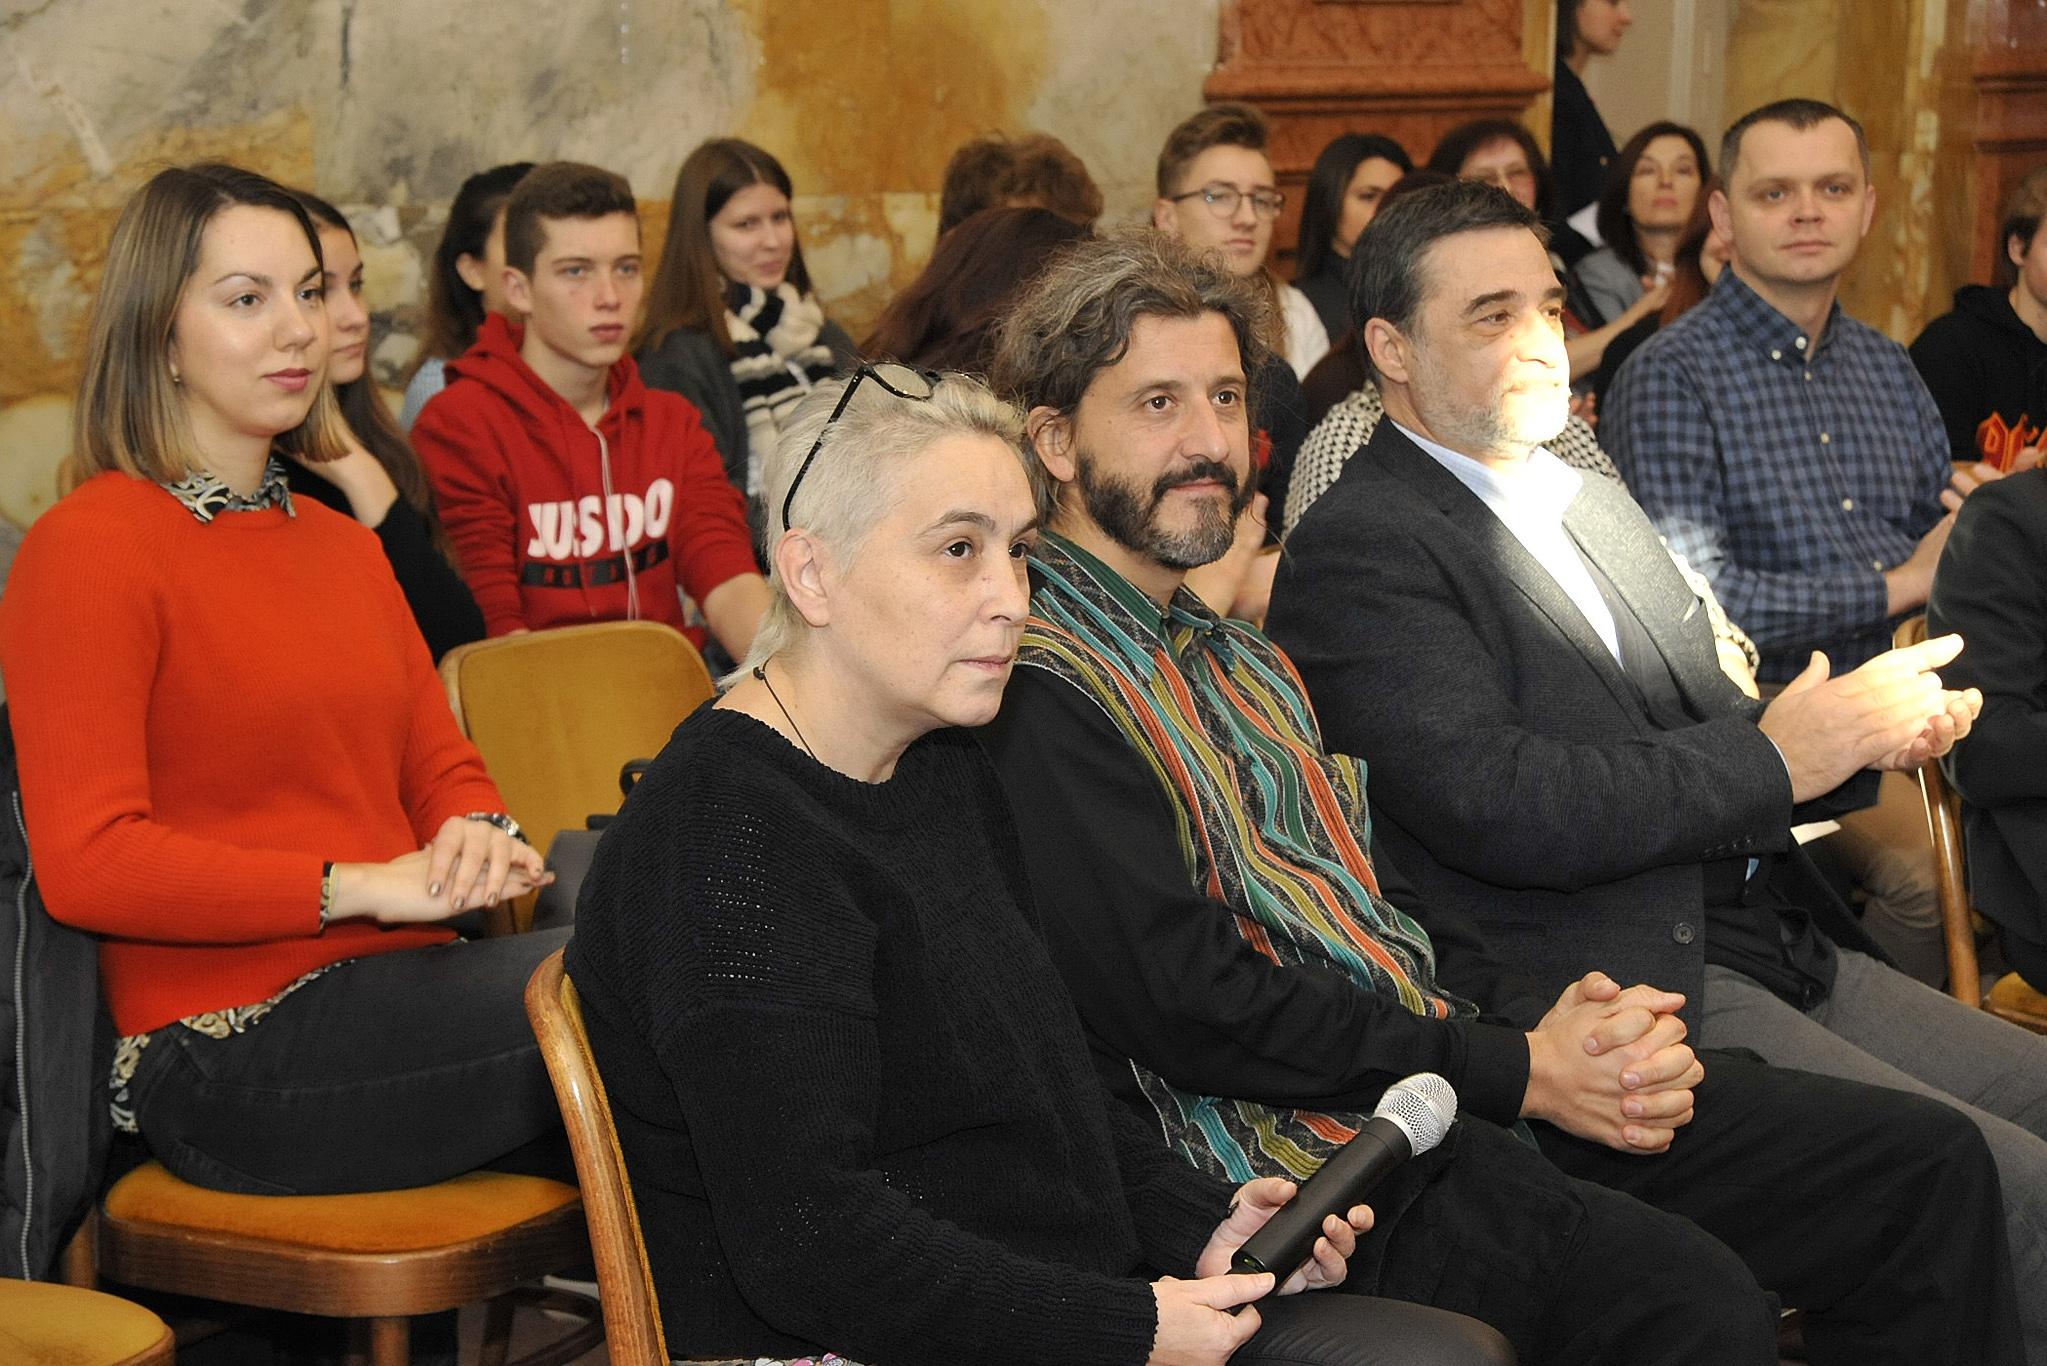 Slavica Mrkić Modrić i Marko Gracin, autori stihova i fotografija županijskog kalendara / Foto: S. DRECHSLER